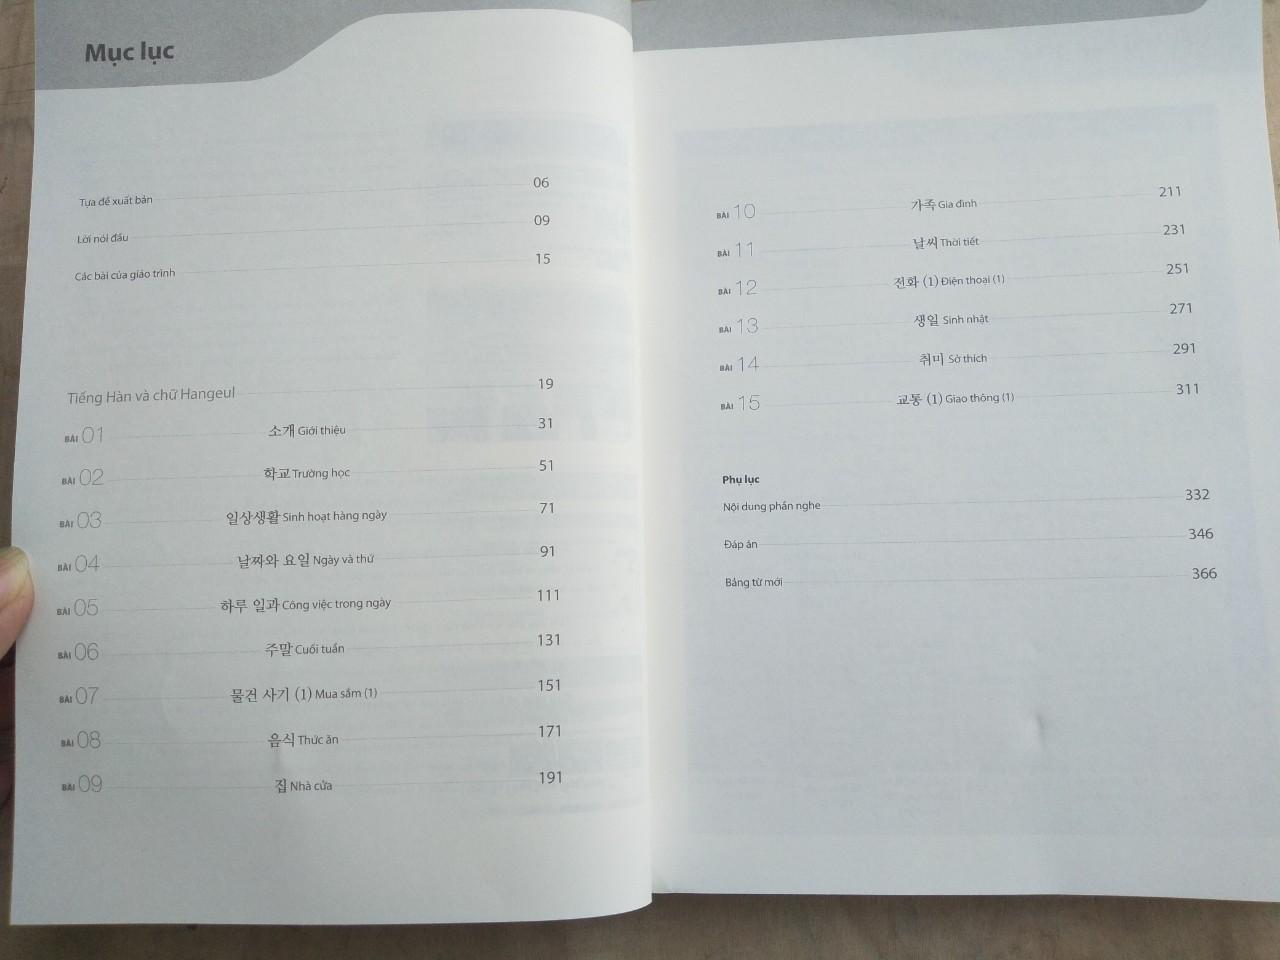 Trọn Bộ Tiếng Hàn Tổng Hợp Dành Cho Người Việt Nam - Sơ Cấp 1 (Bản In 2 Màu) Tặng Kèm Portcard Những Câu Nói Hay Của Người Nổi Tiếng